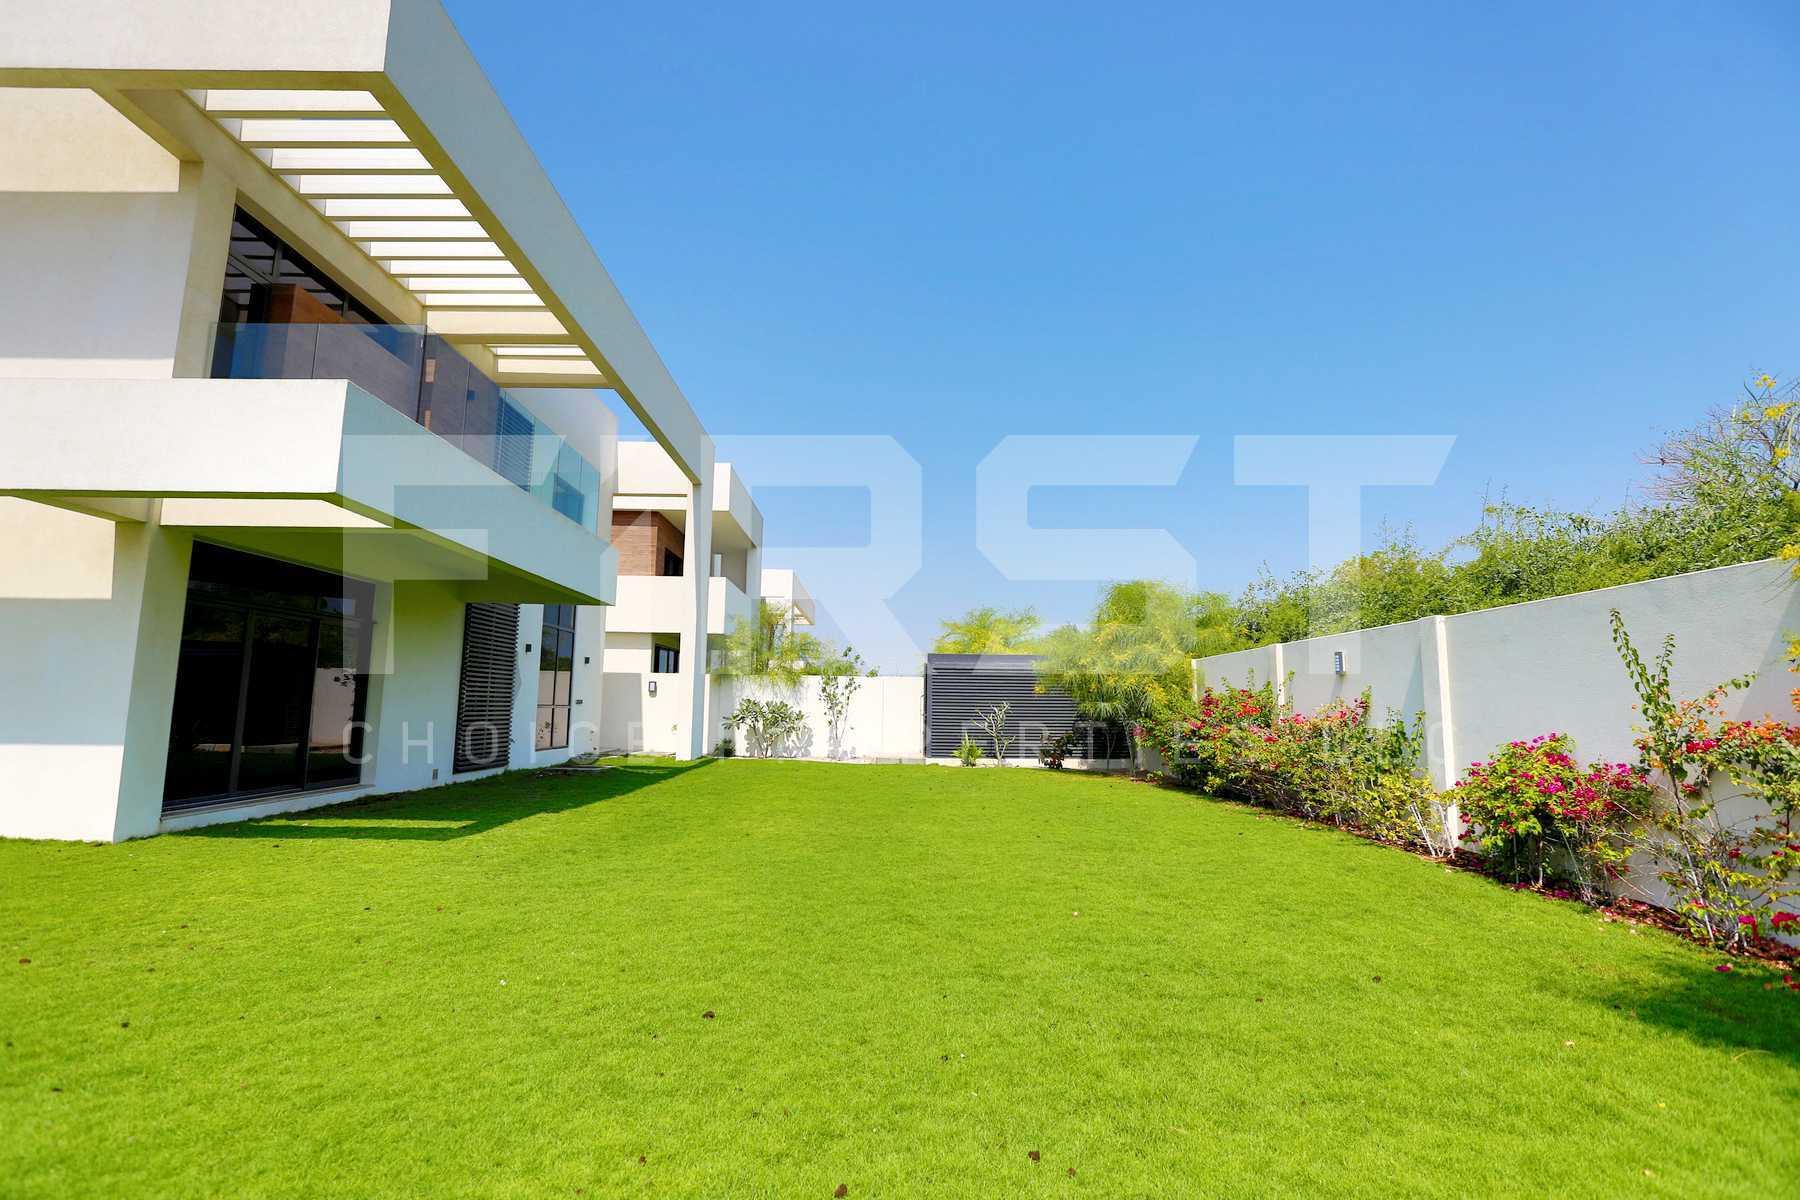 External Photo of 5 Bedroom Villa in West Yas Yas Island Abu Dhabi UAE(4).jpg